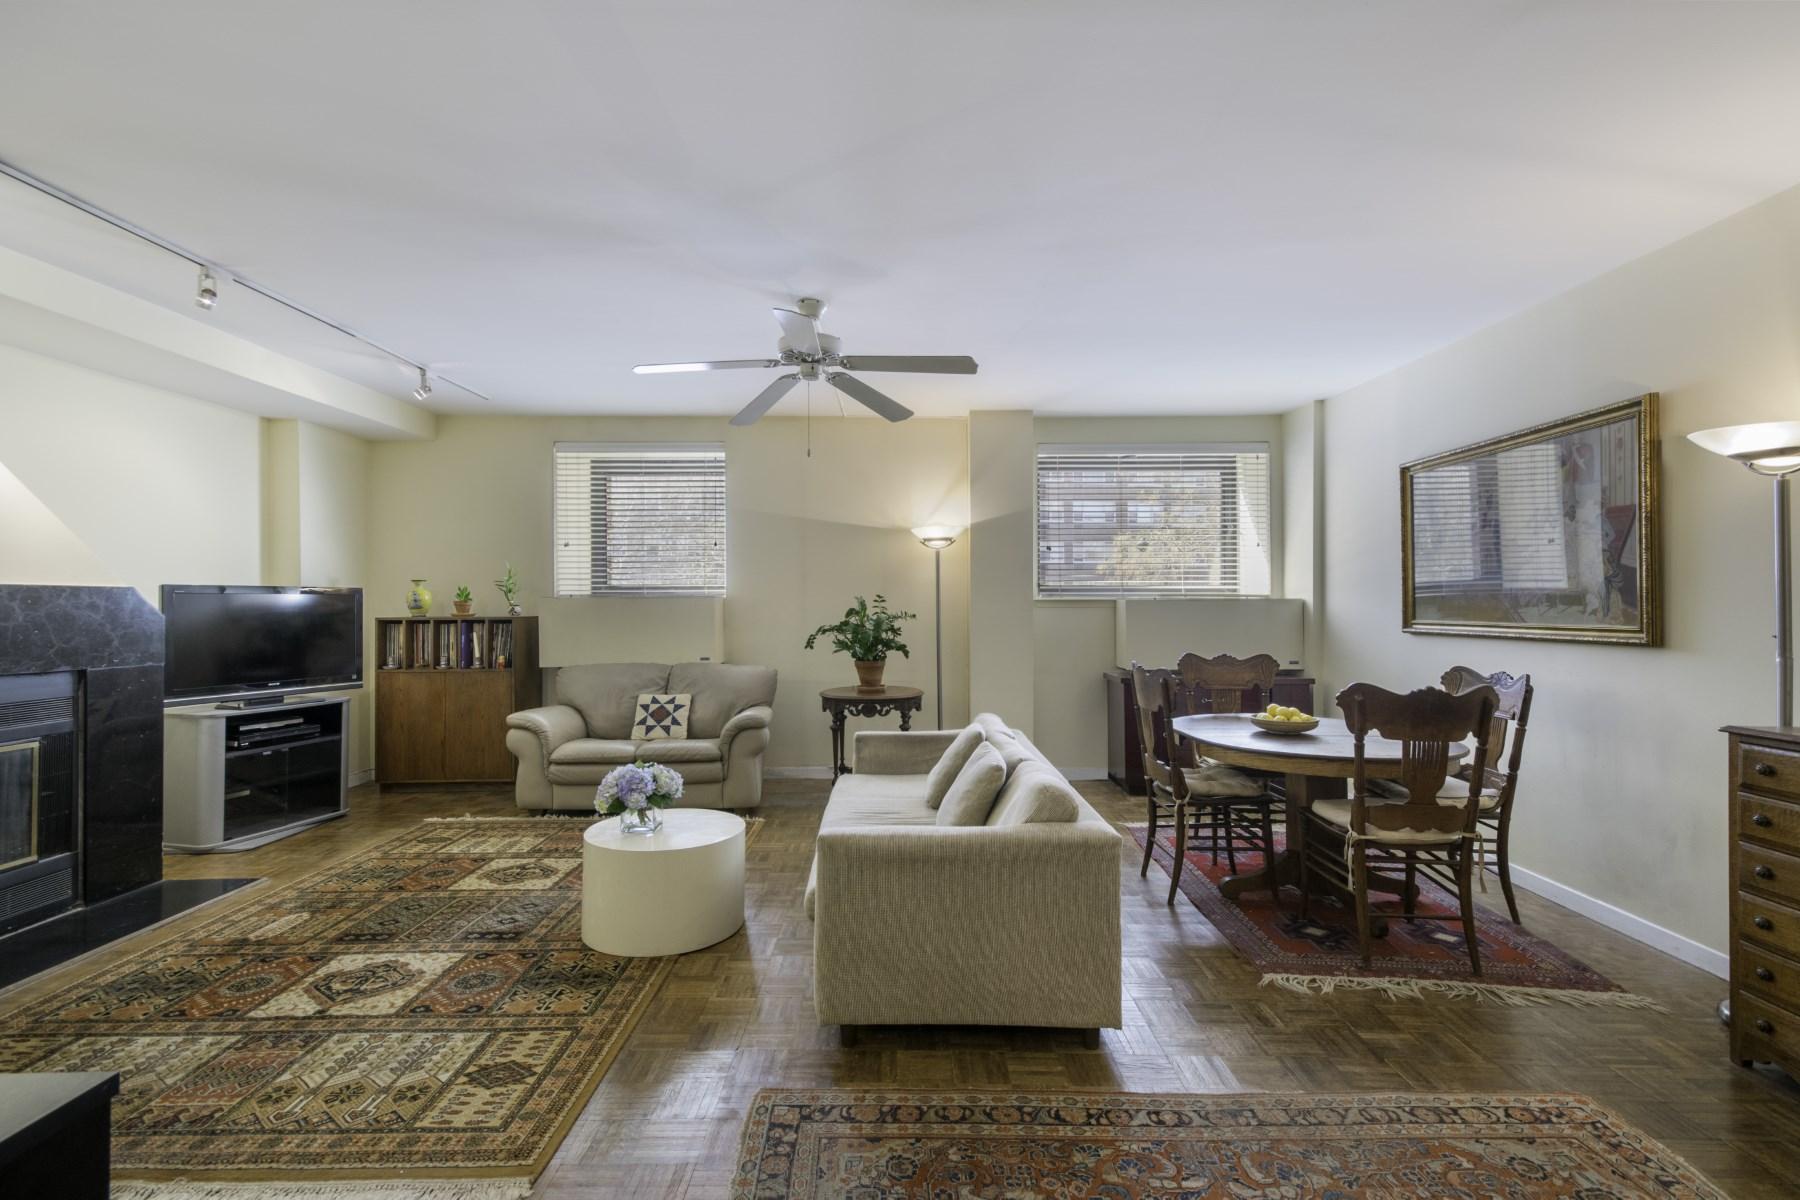 合作公寓 为 销售 在 196 Sixth Avenue, 2A 196 Sixth Avenue Apt 2A Soho, 纽约, 纽约州, 10013 美国